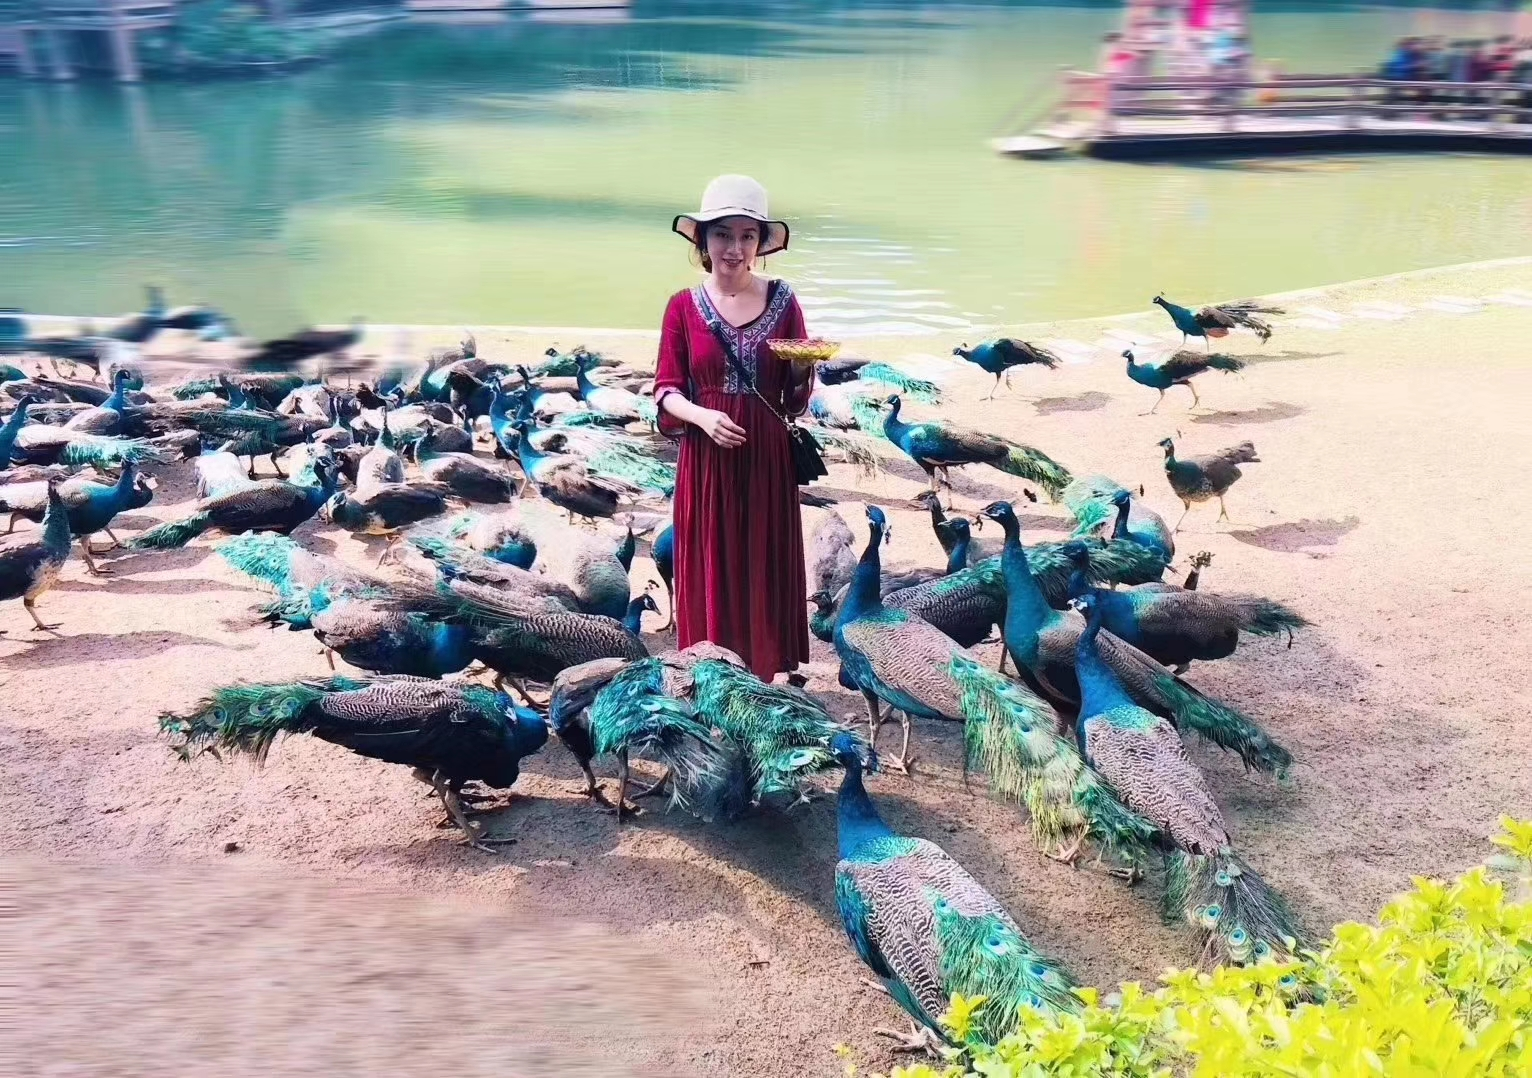 泸沽湖旅游线路_百业信息网